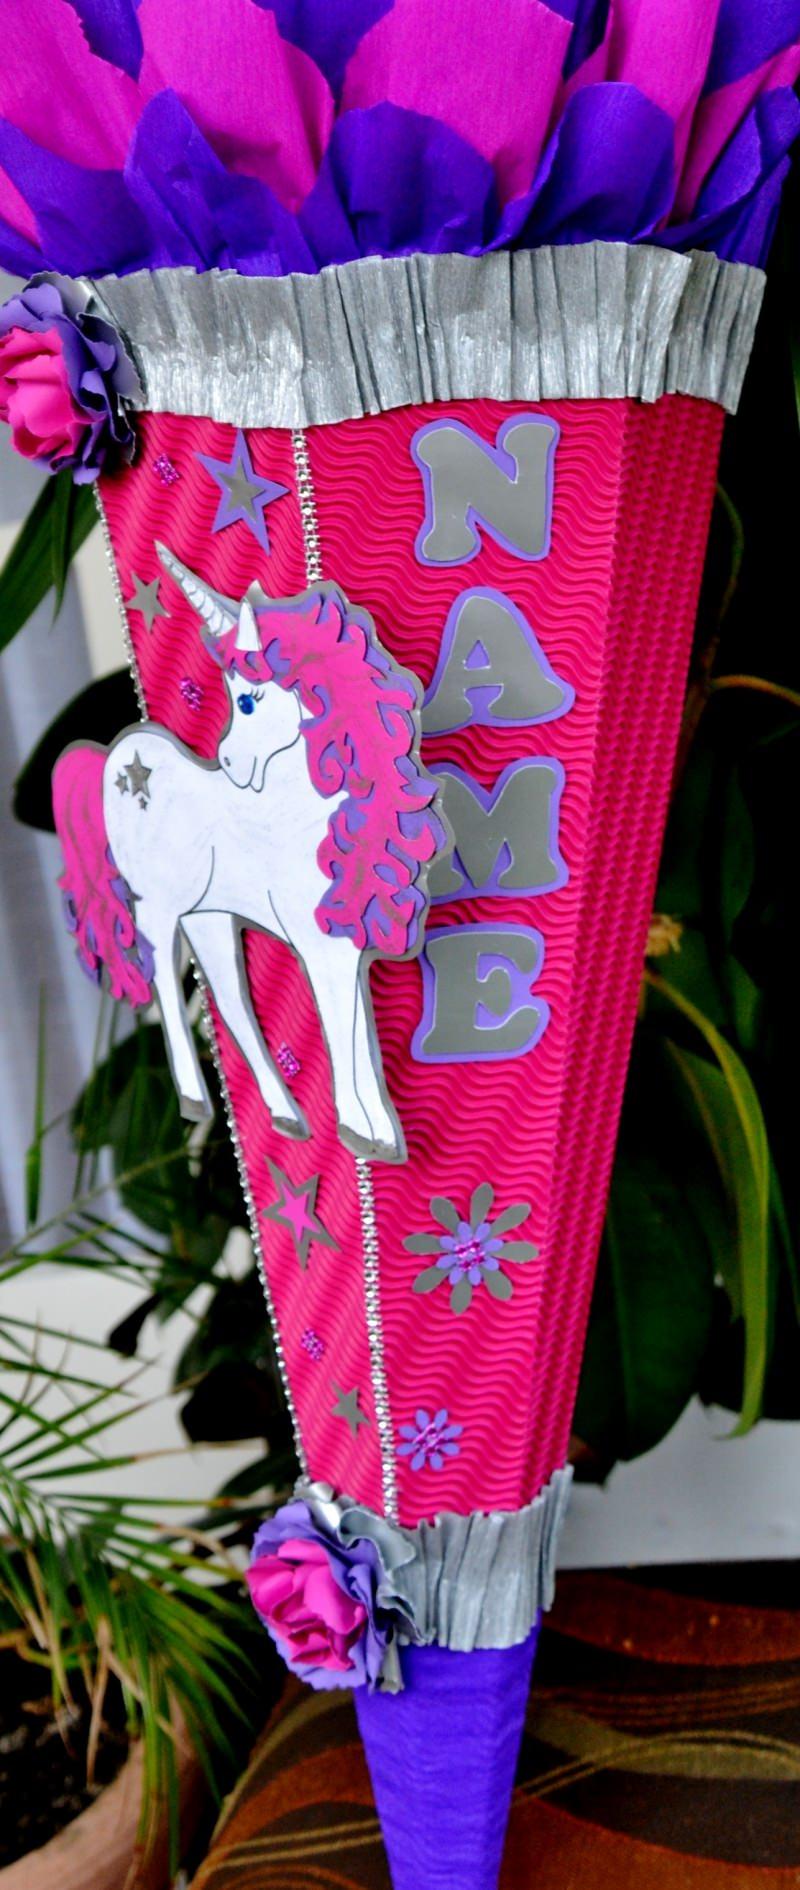 Kleinesbild - Handgemachte Schultüte Pegasus Zuckertüte  Einhorn Pferd  ABI Abitur Geschenk